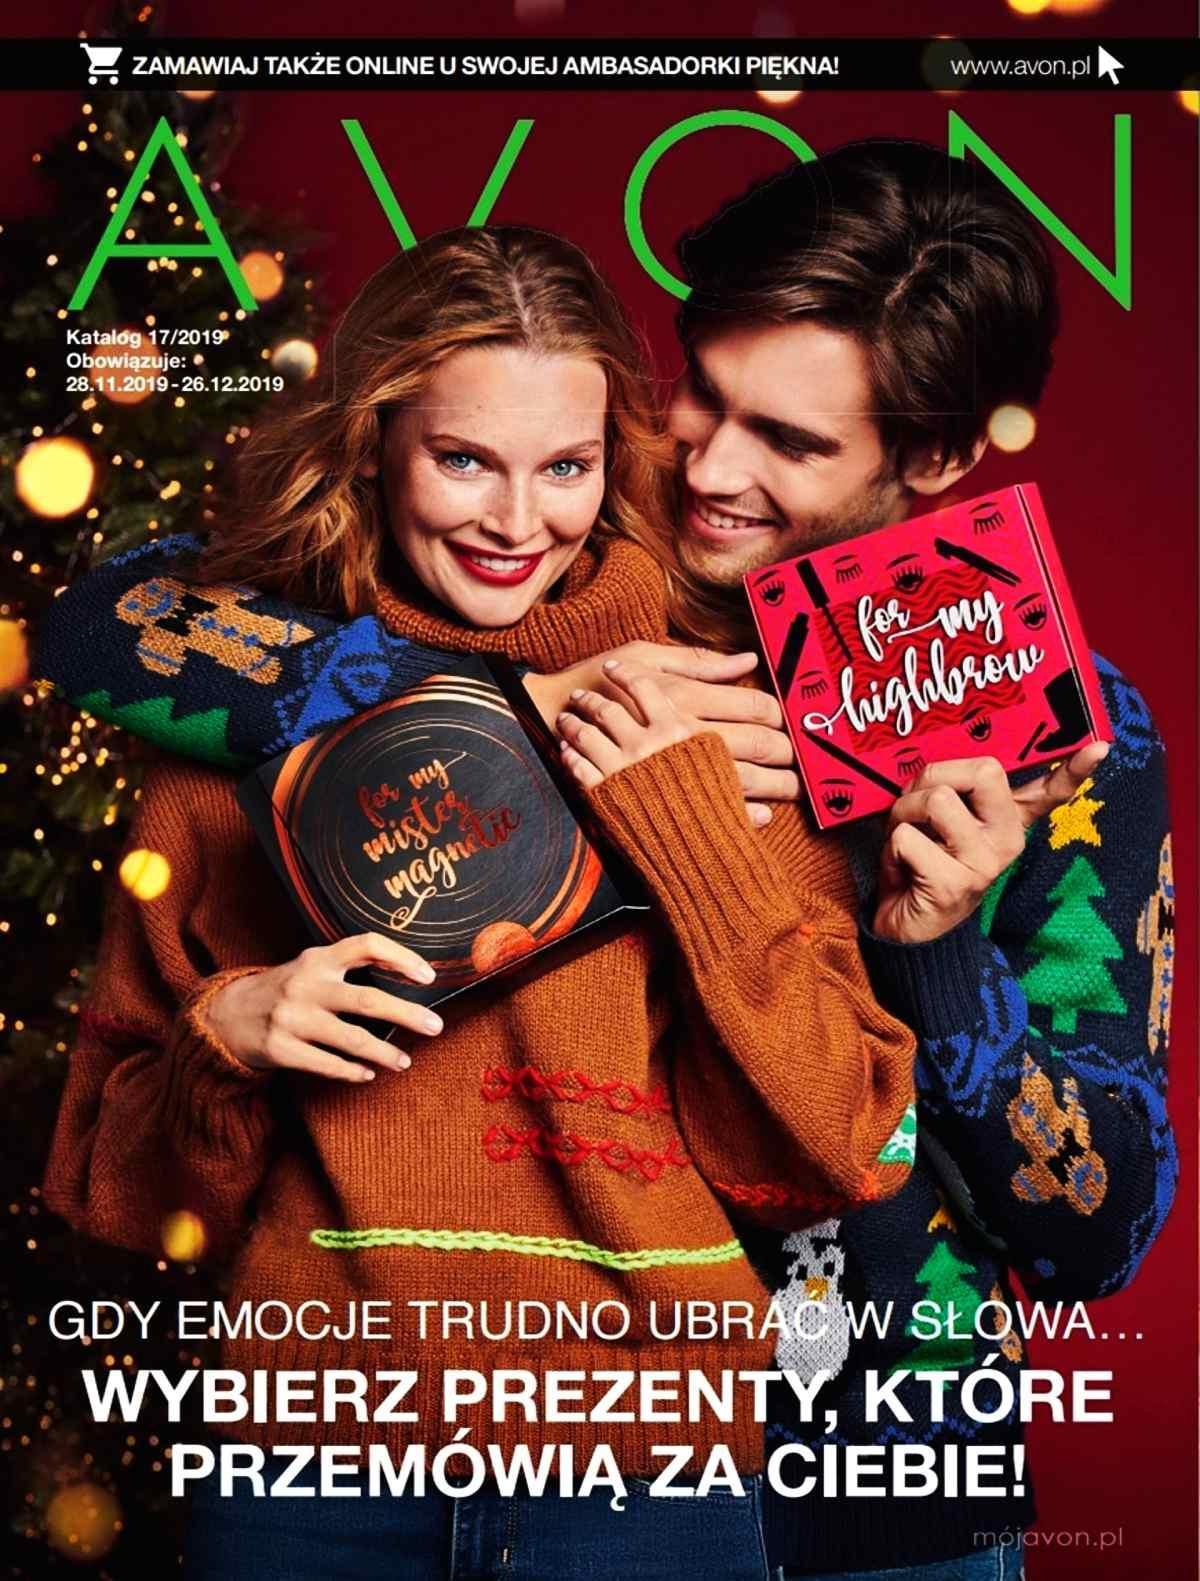 Gazetka promocyjna Avon do 26/12/2019 str.1